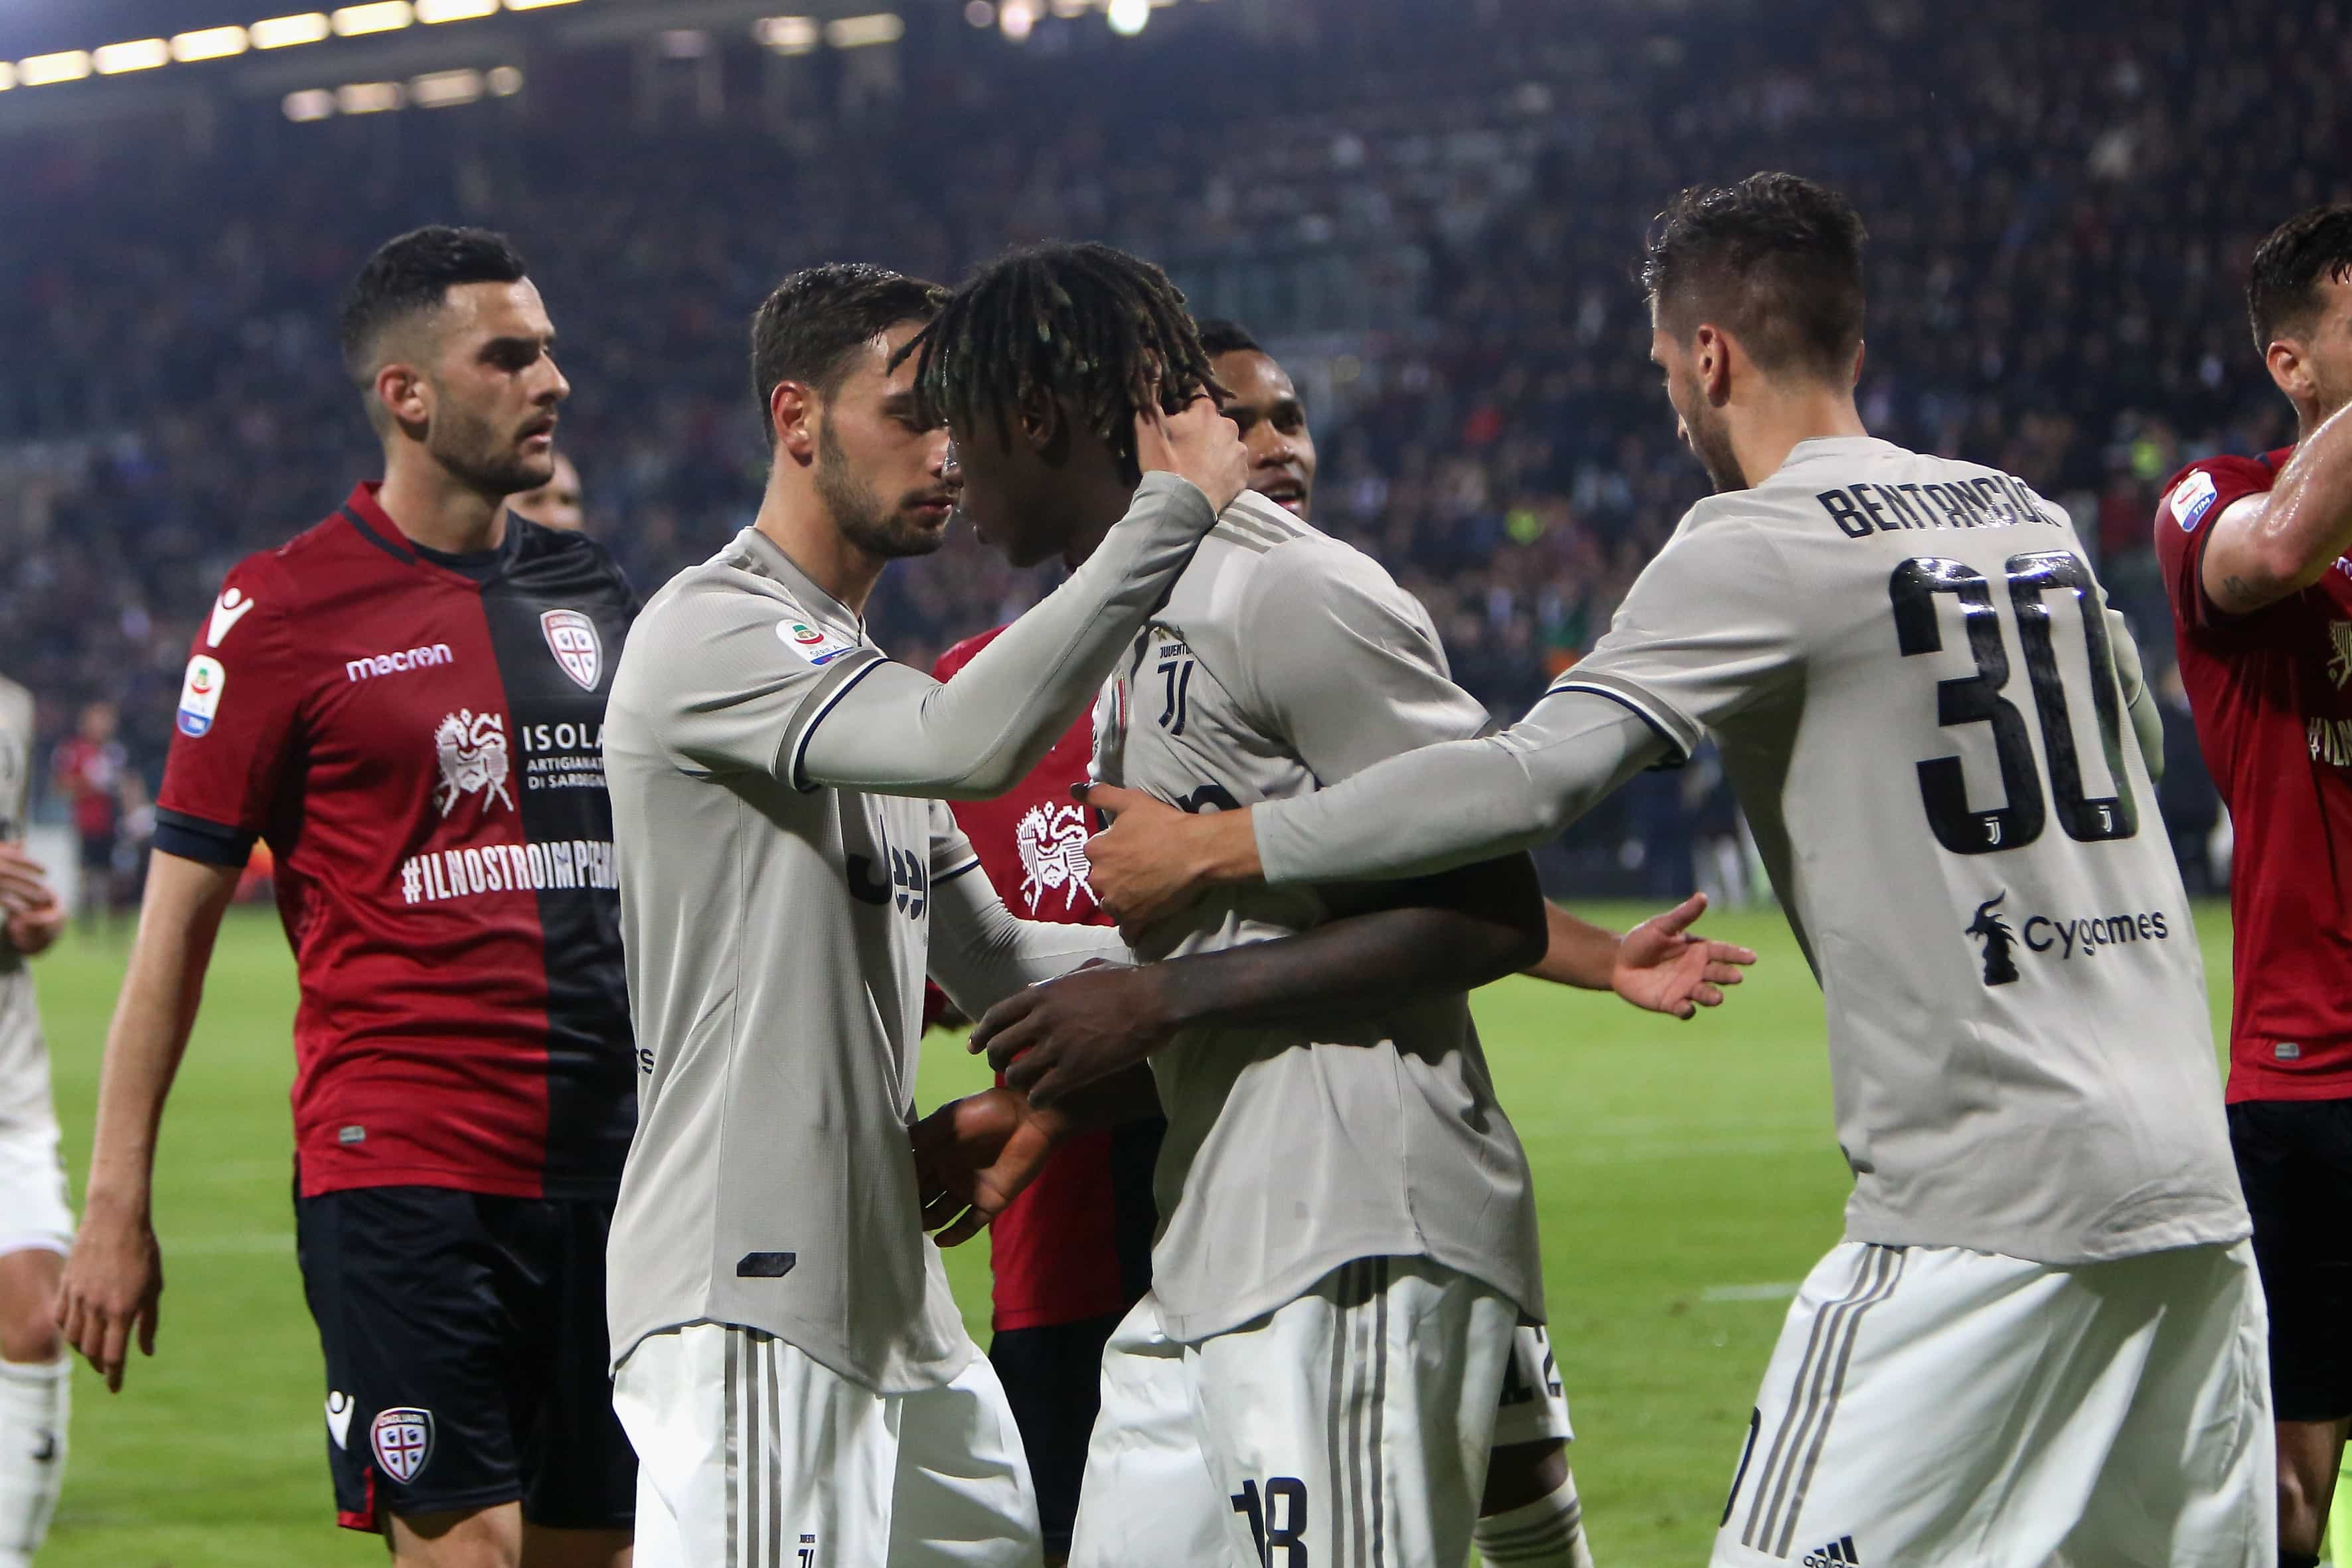 Bonucci arrasado pelo mundo fora. Até o Dortmund deixou farpa ao italiano